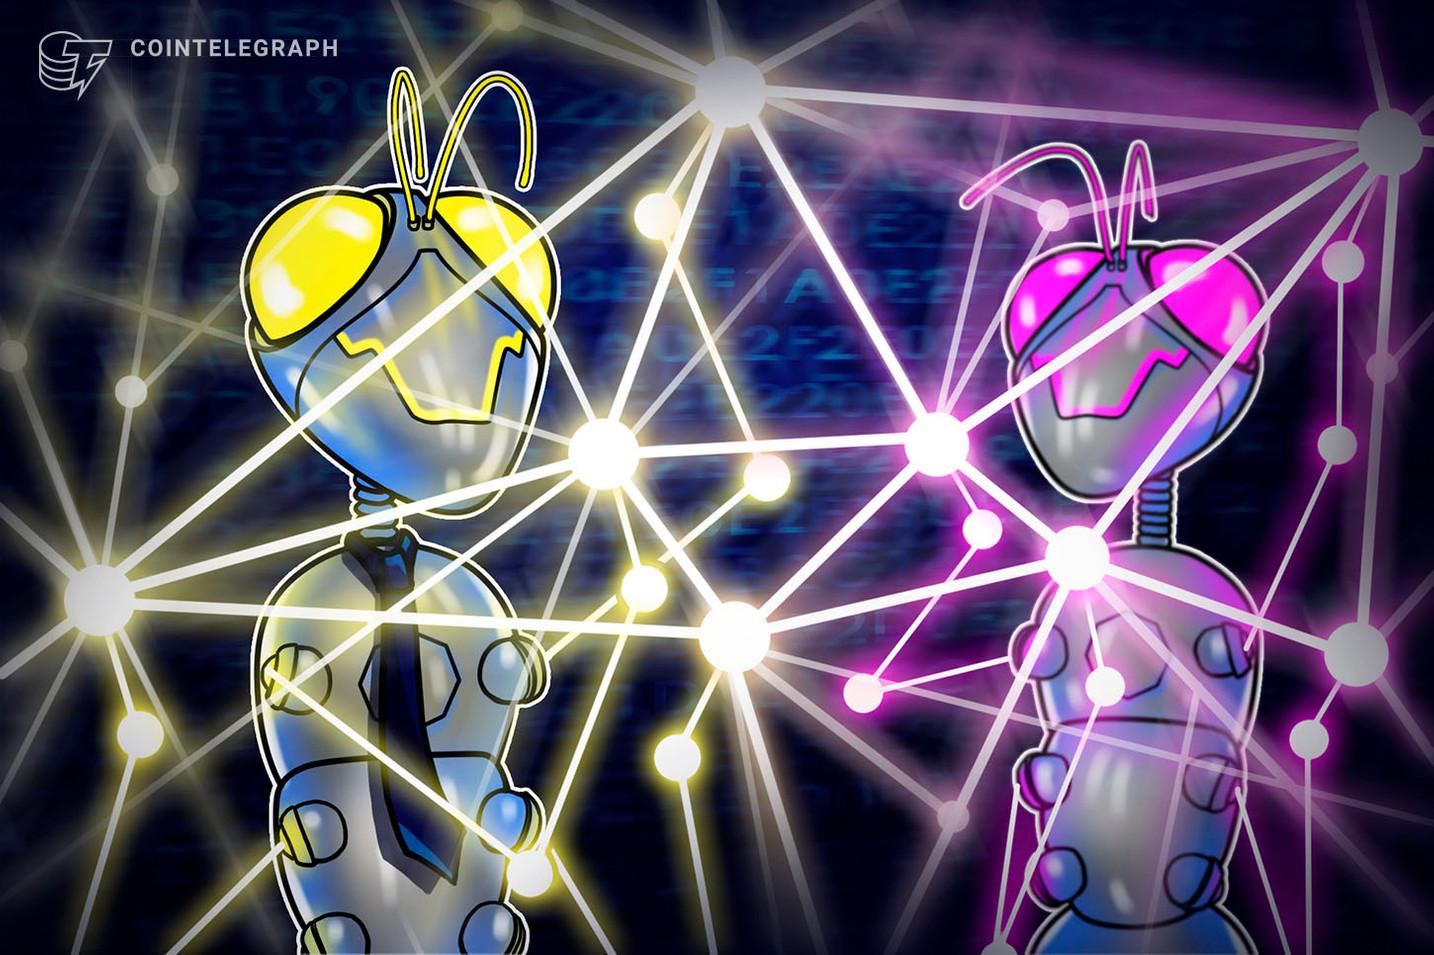 Los contratos inteligentes necesitan estándares para hacer que las transacciones de DeFi en Ethereum sean más seguras